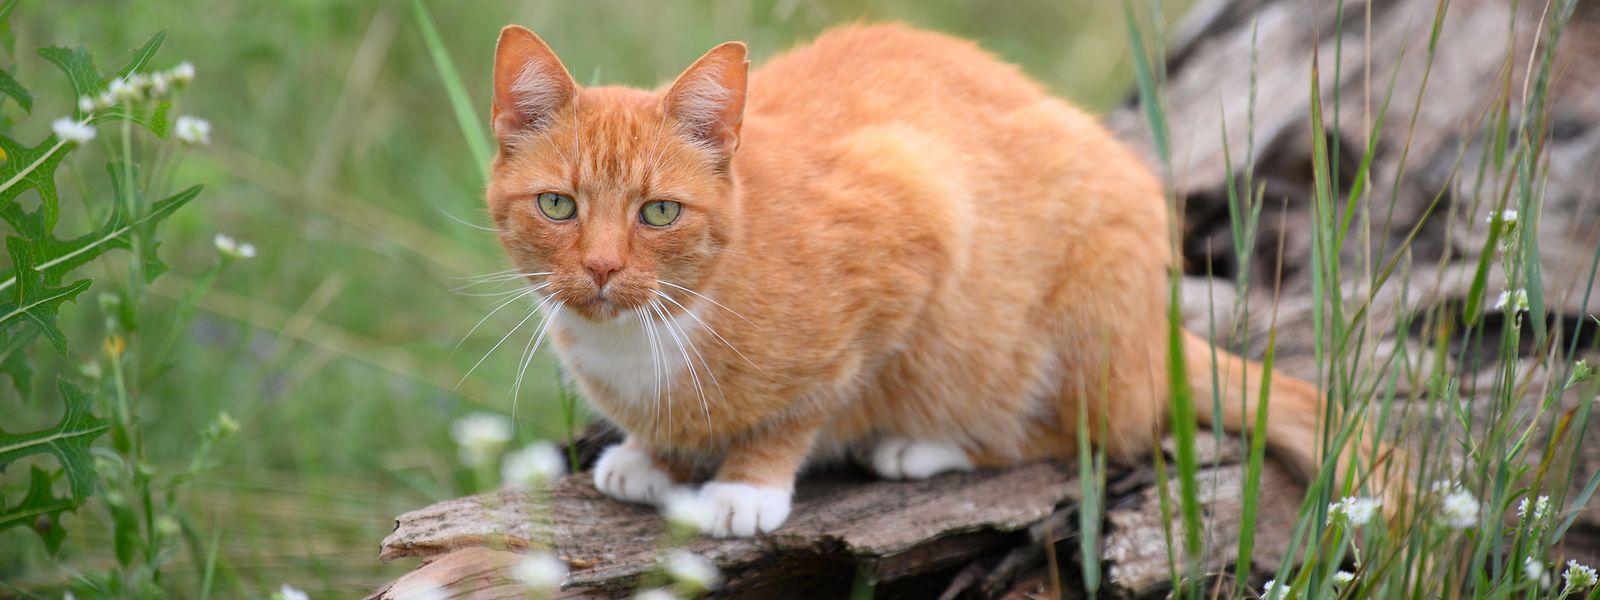 """Ein 54-jähriger muss fünf Jahre hinter Gitter wegen """"krimineller Sachbeschädigung"""". Unter diesen Straftatbestand fallen auch Morde an Haustieren - im konkreten Fall neun Katzen."""